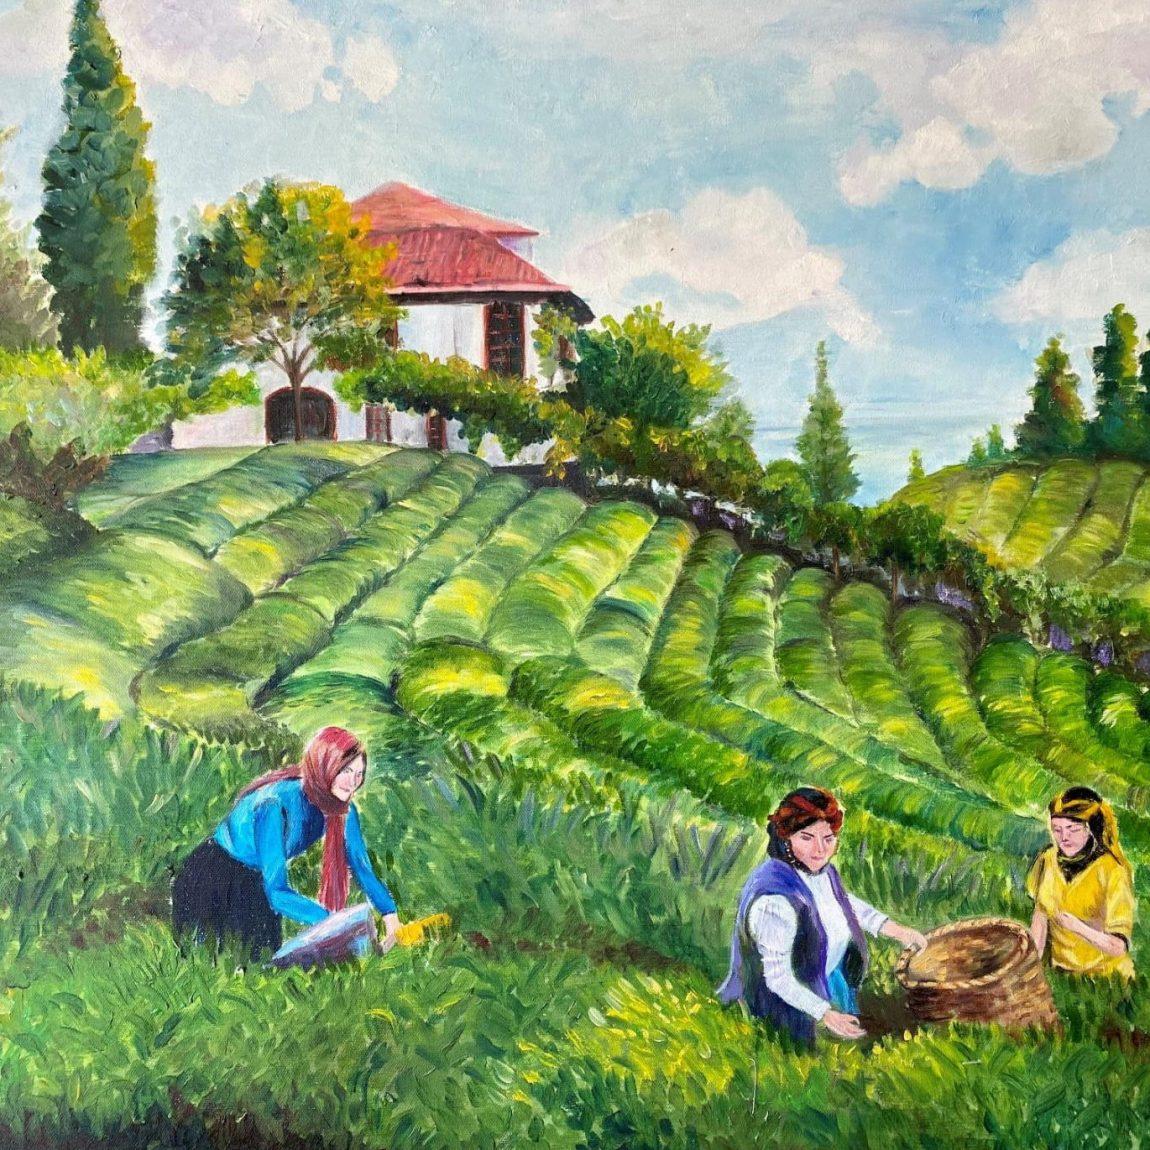 Çay Toplayan Kadınlar  Teknik : Yağlı Boya  Ölçü : 65 x 55 cm  Fiyat : 1000 TL